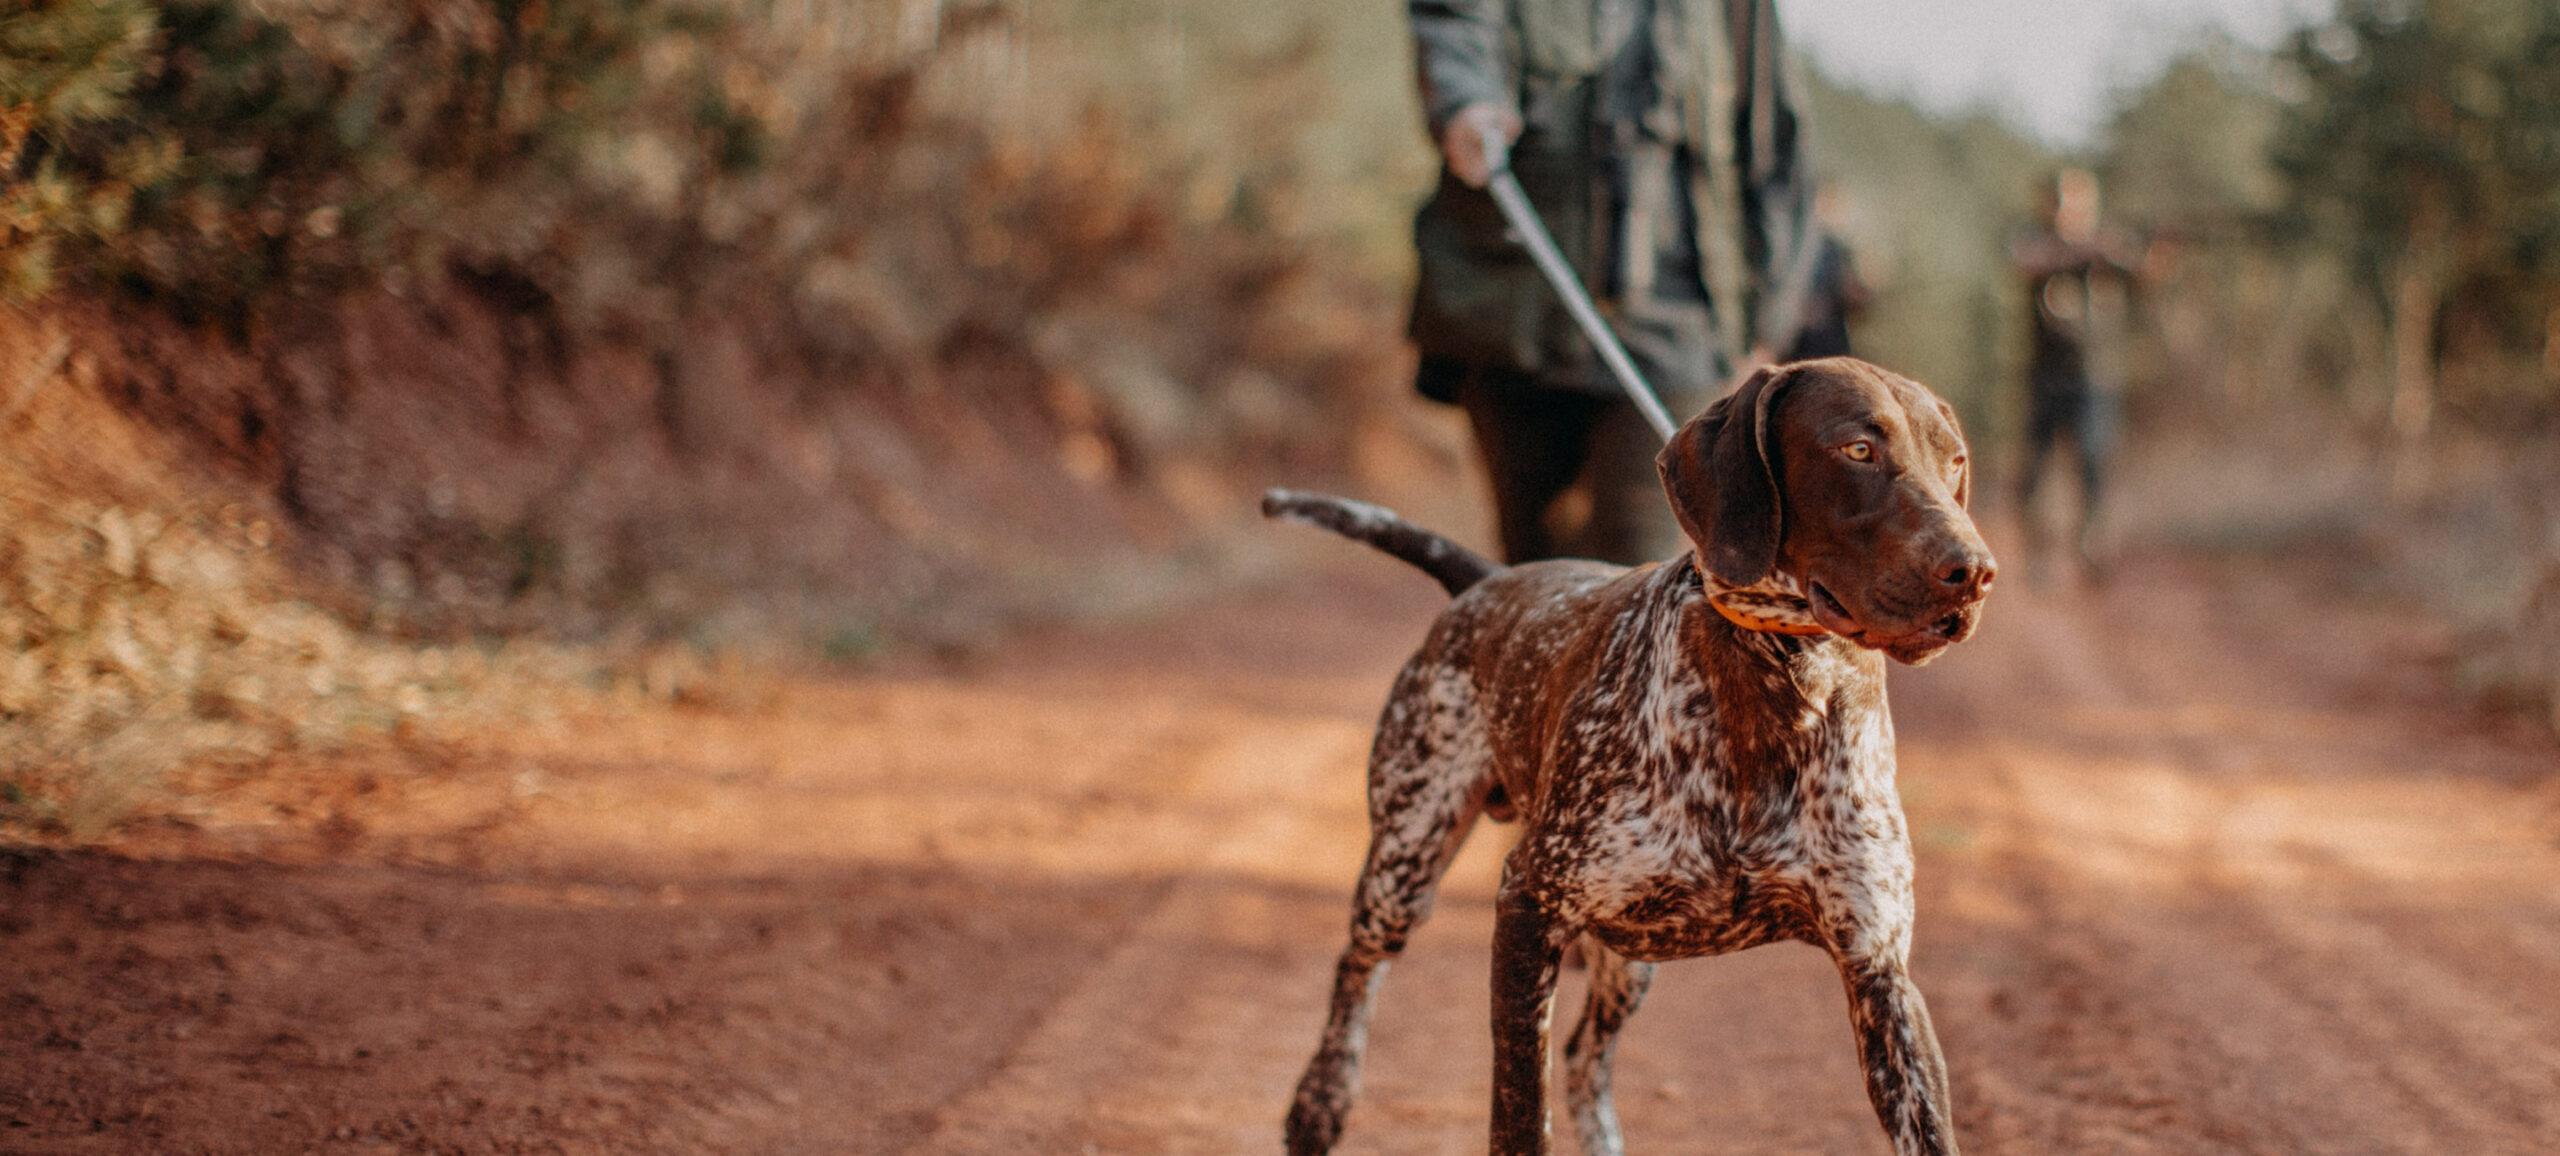 Jäger mit Jagdhund auf Waldweg